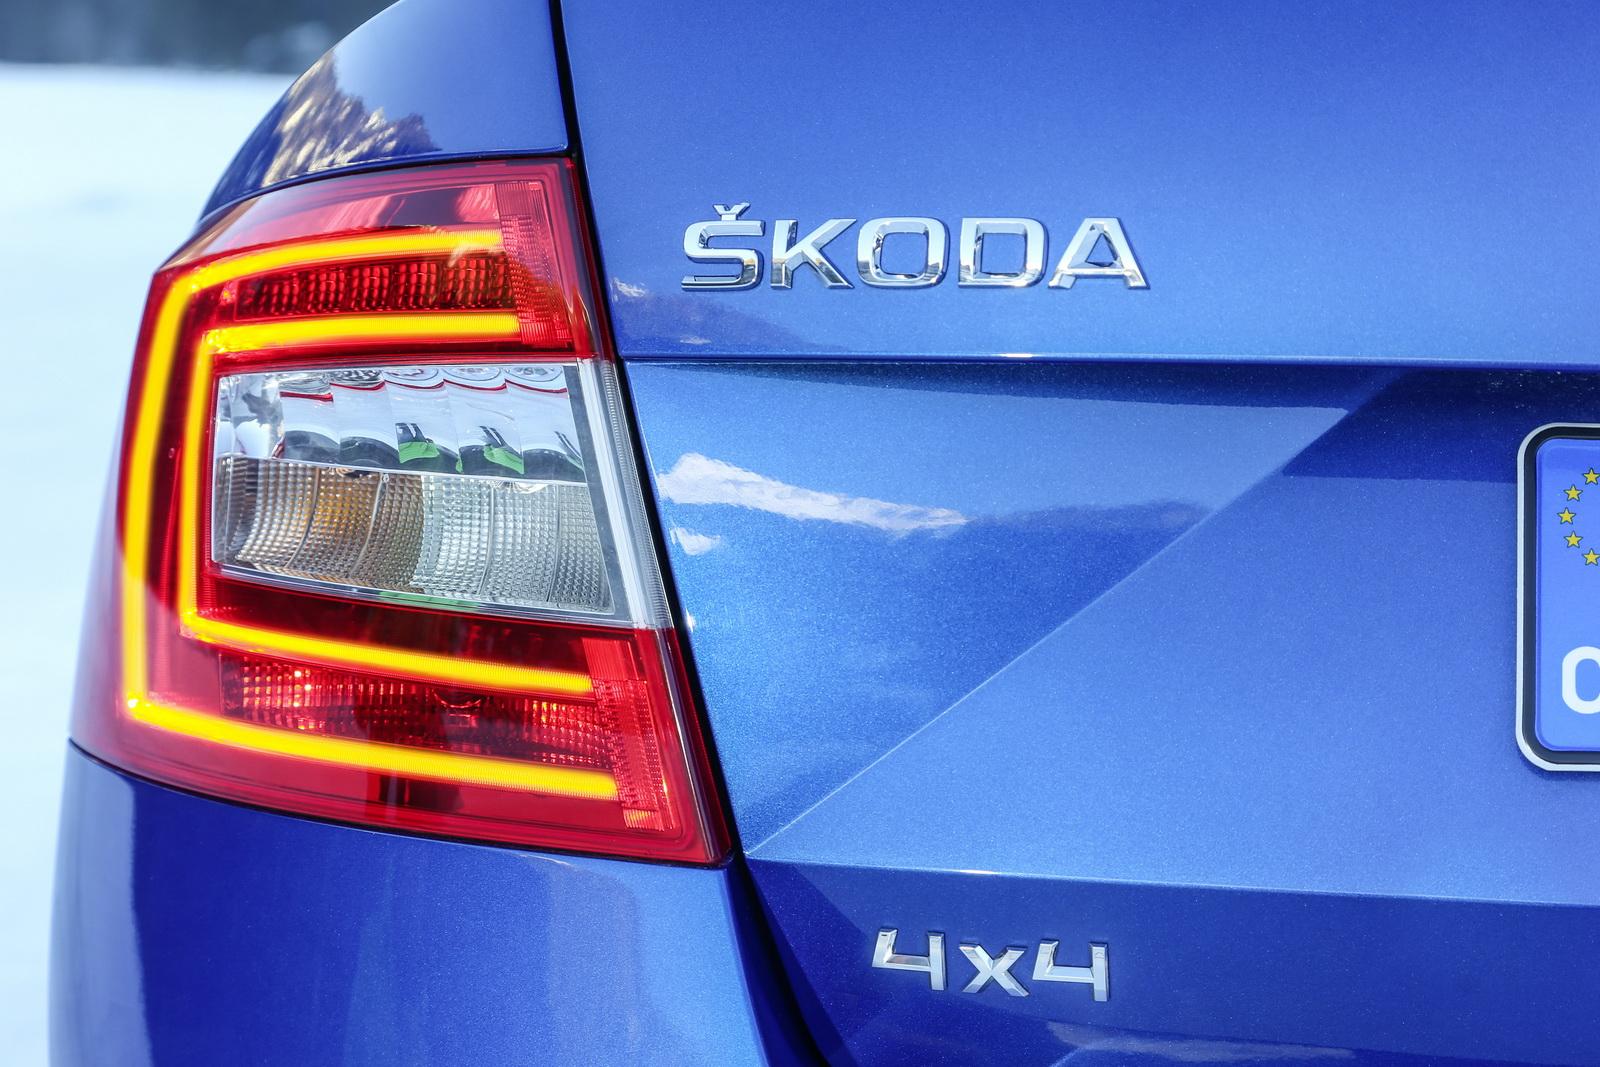 Skoda Octavia RS 4x4